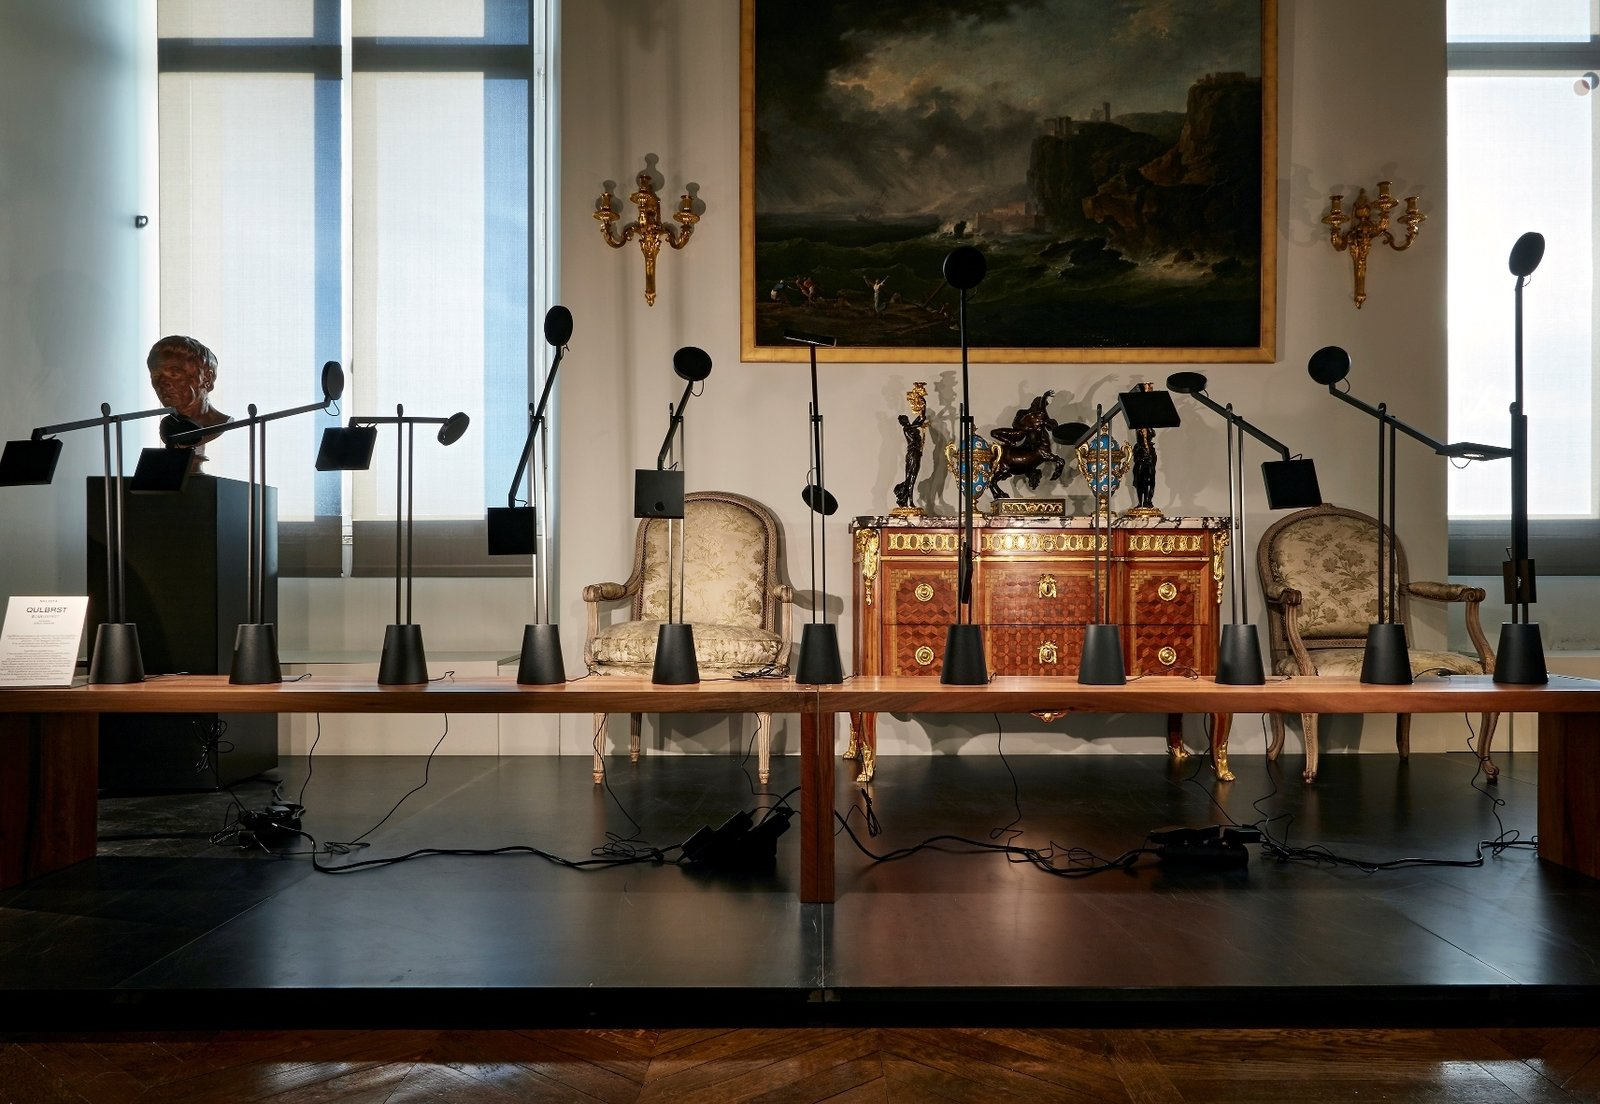 Jean Nouvel & Artemide at the Musée des Arts Décoratifs in Paris